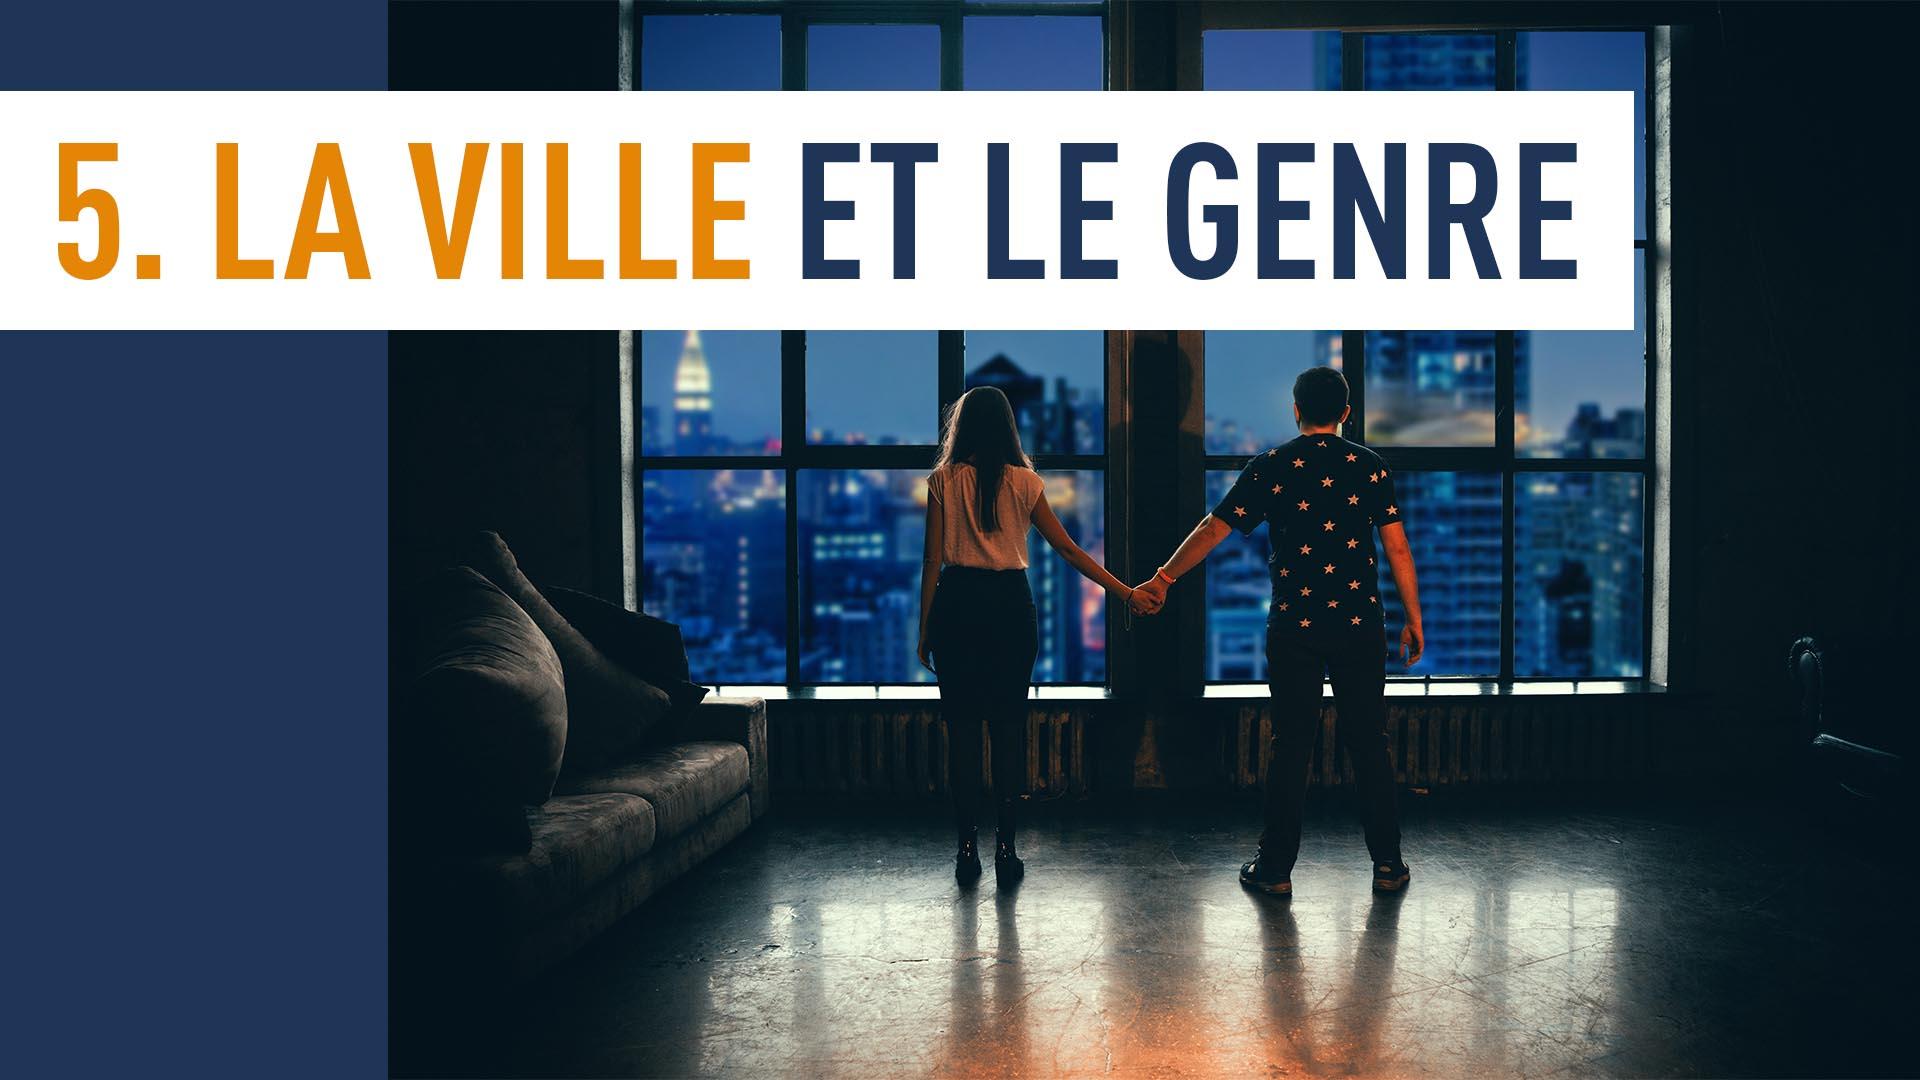 La Ville Et Le Genre